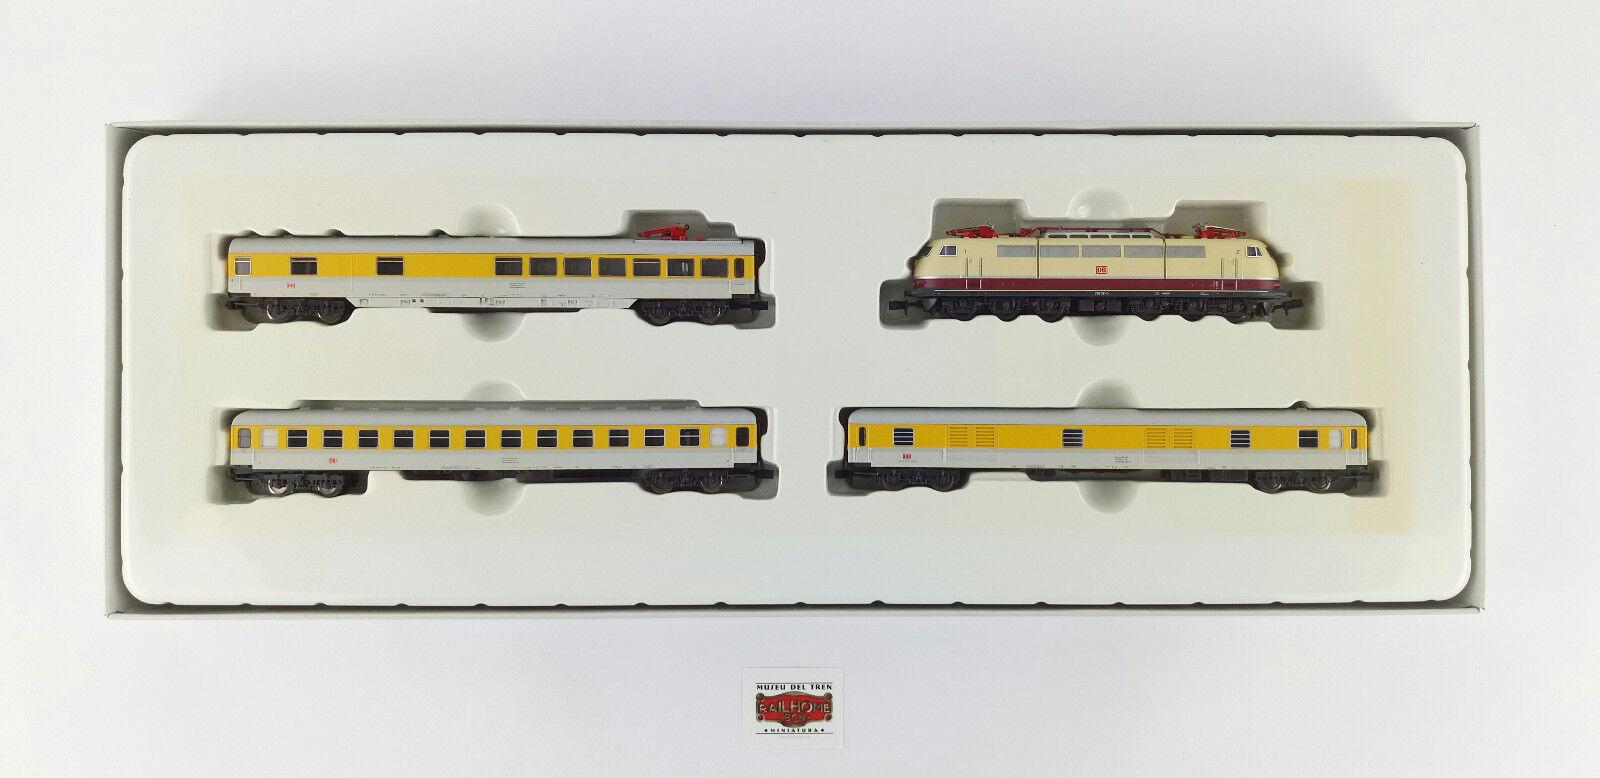 Minitrix N 11607 - Set da Treno Speciale di Misure con E-Lok Br - Nuovo - Orig